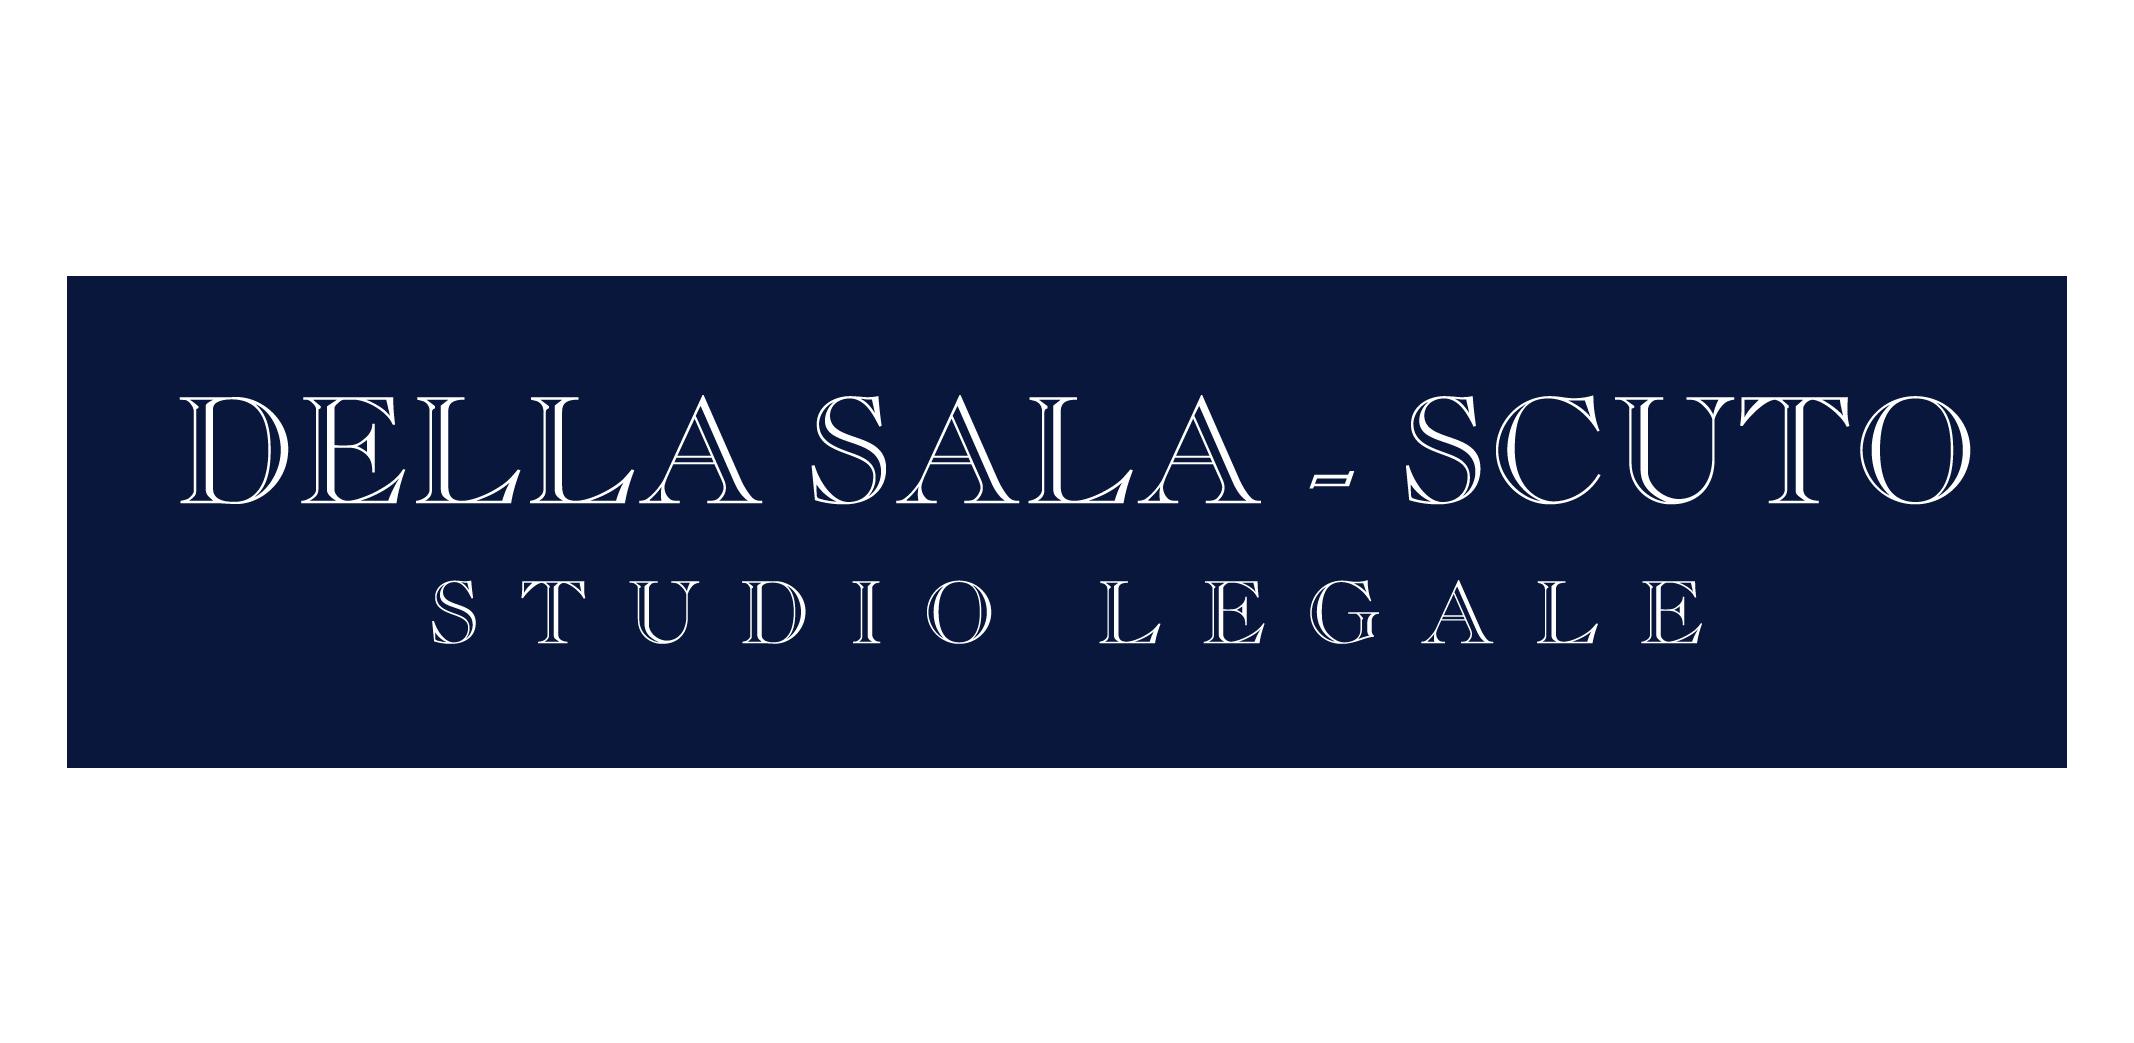 Della Sala - Scuto